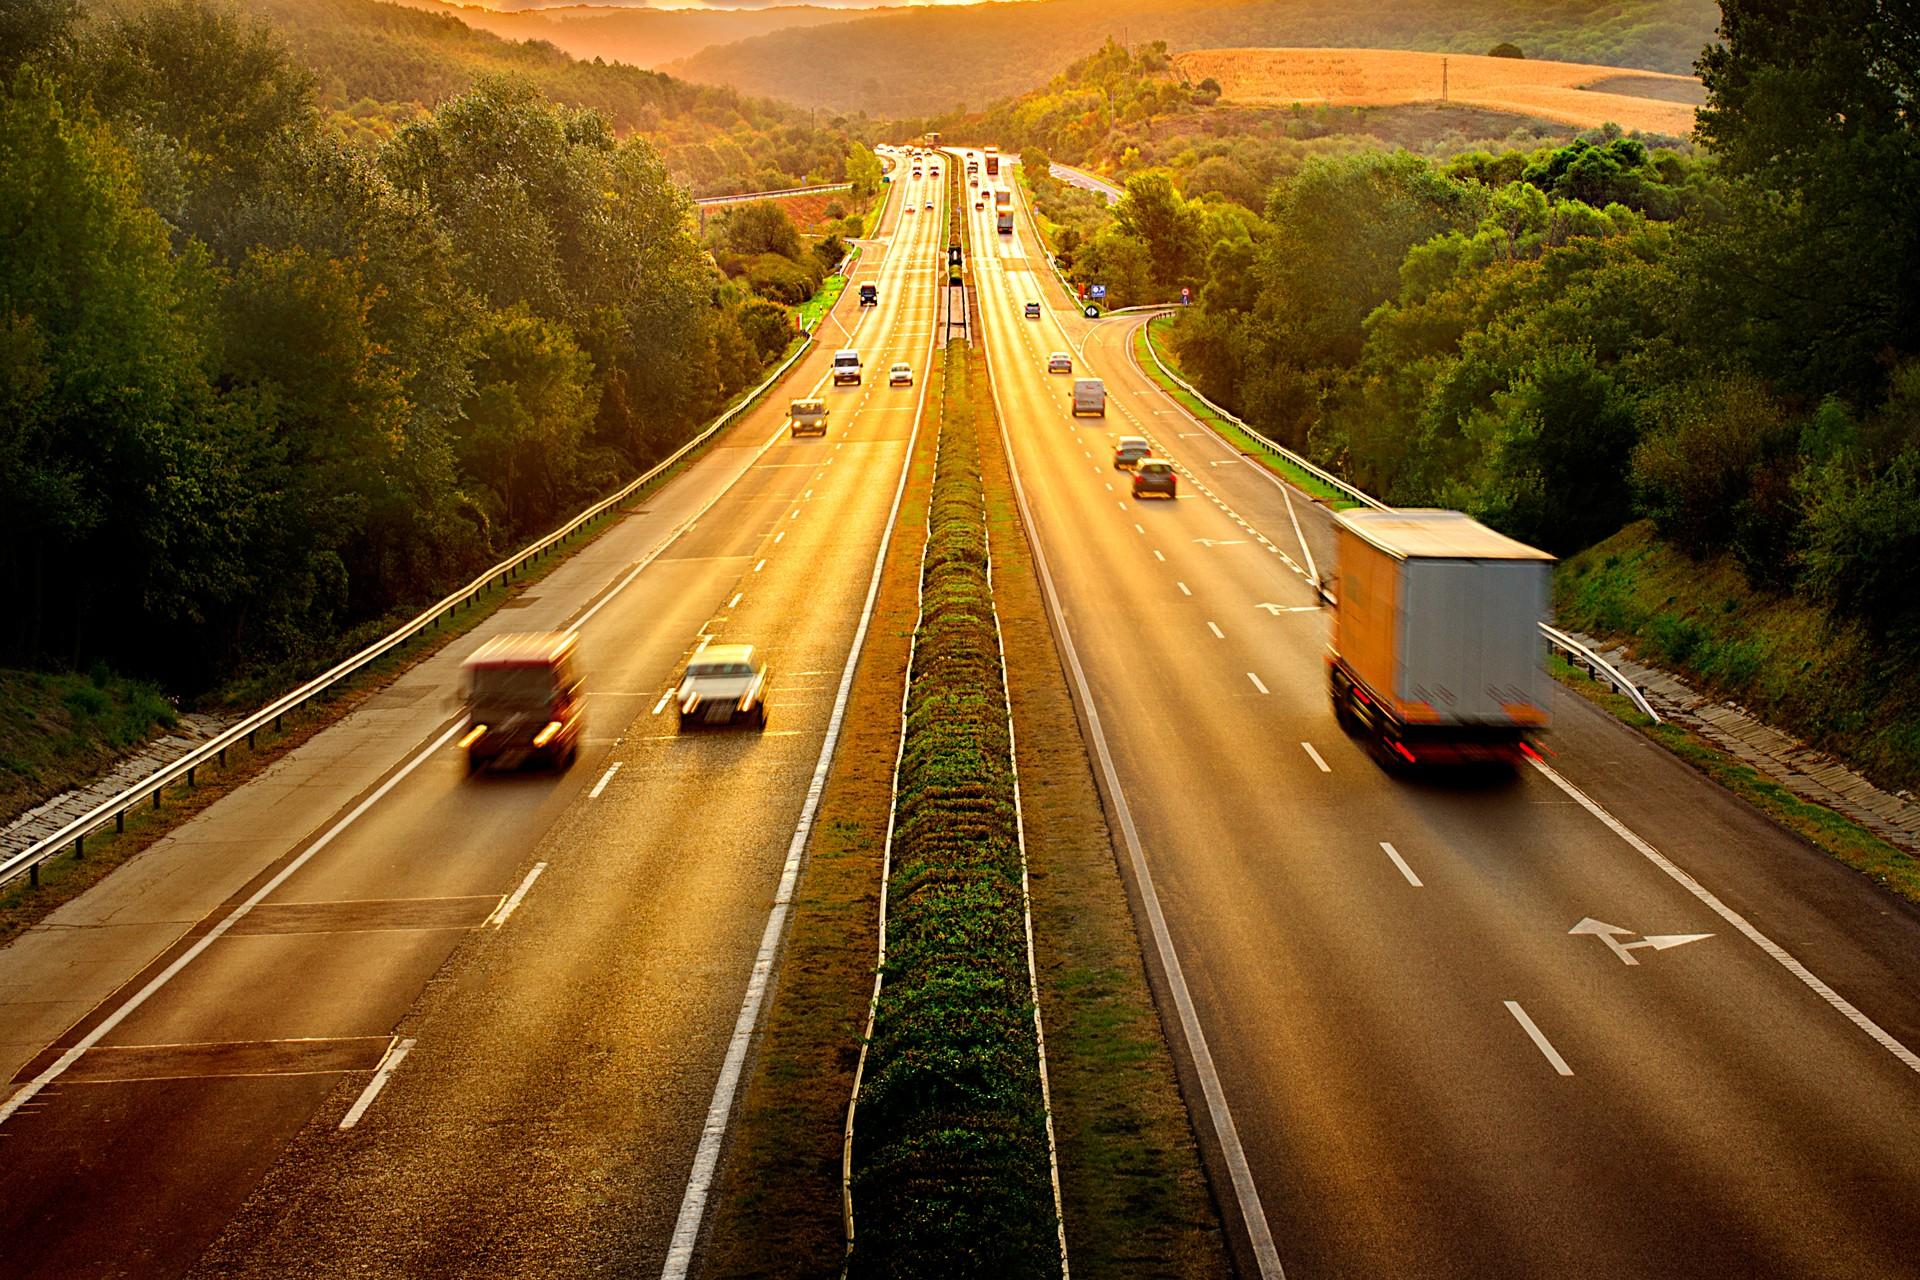 Cистемы информирования на городских дорогах